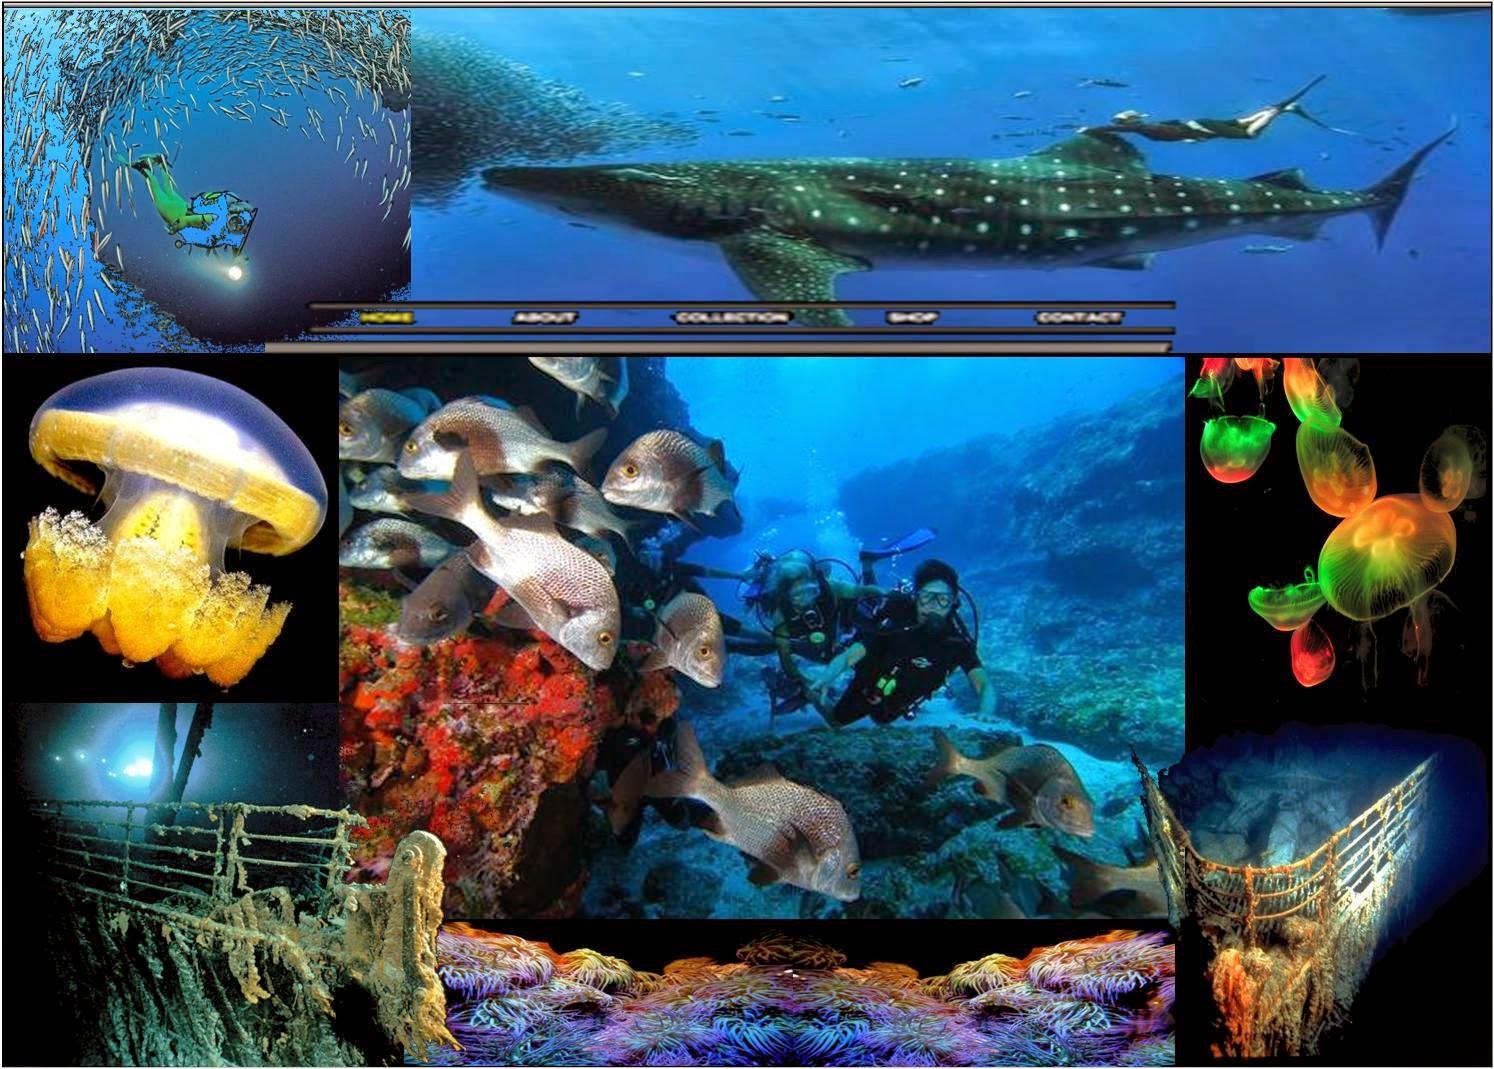 www.sitewx.com